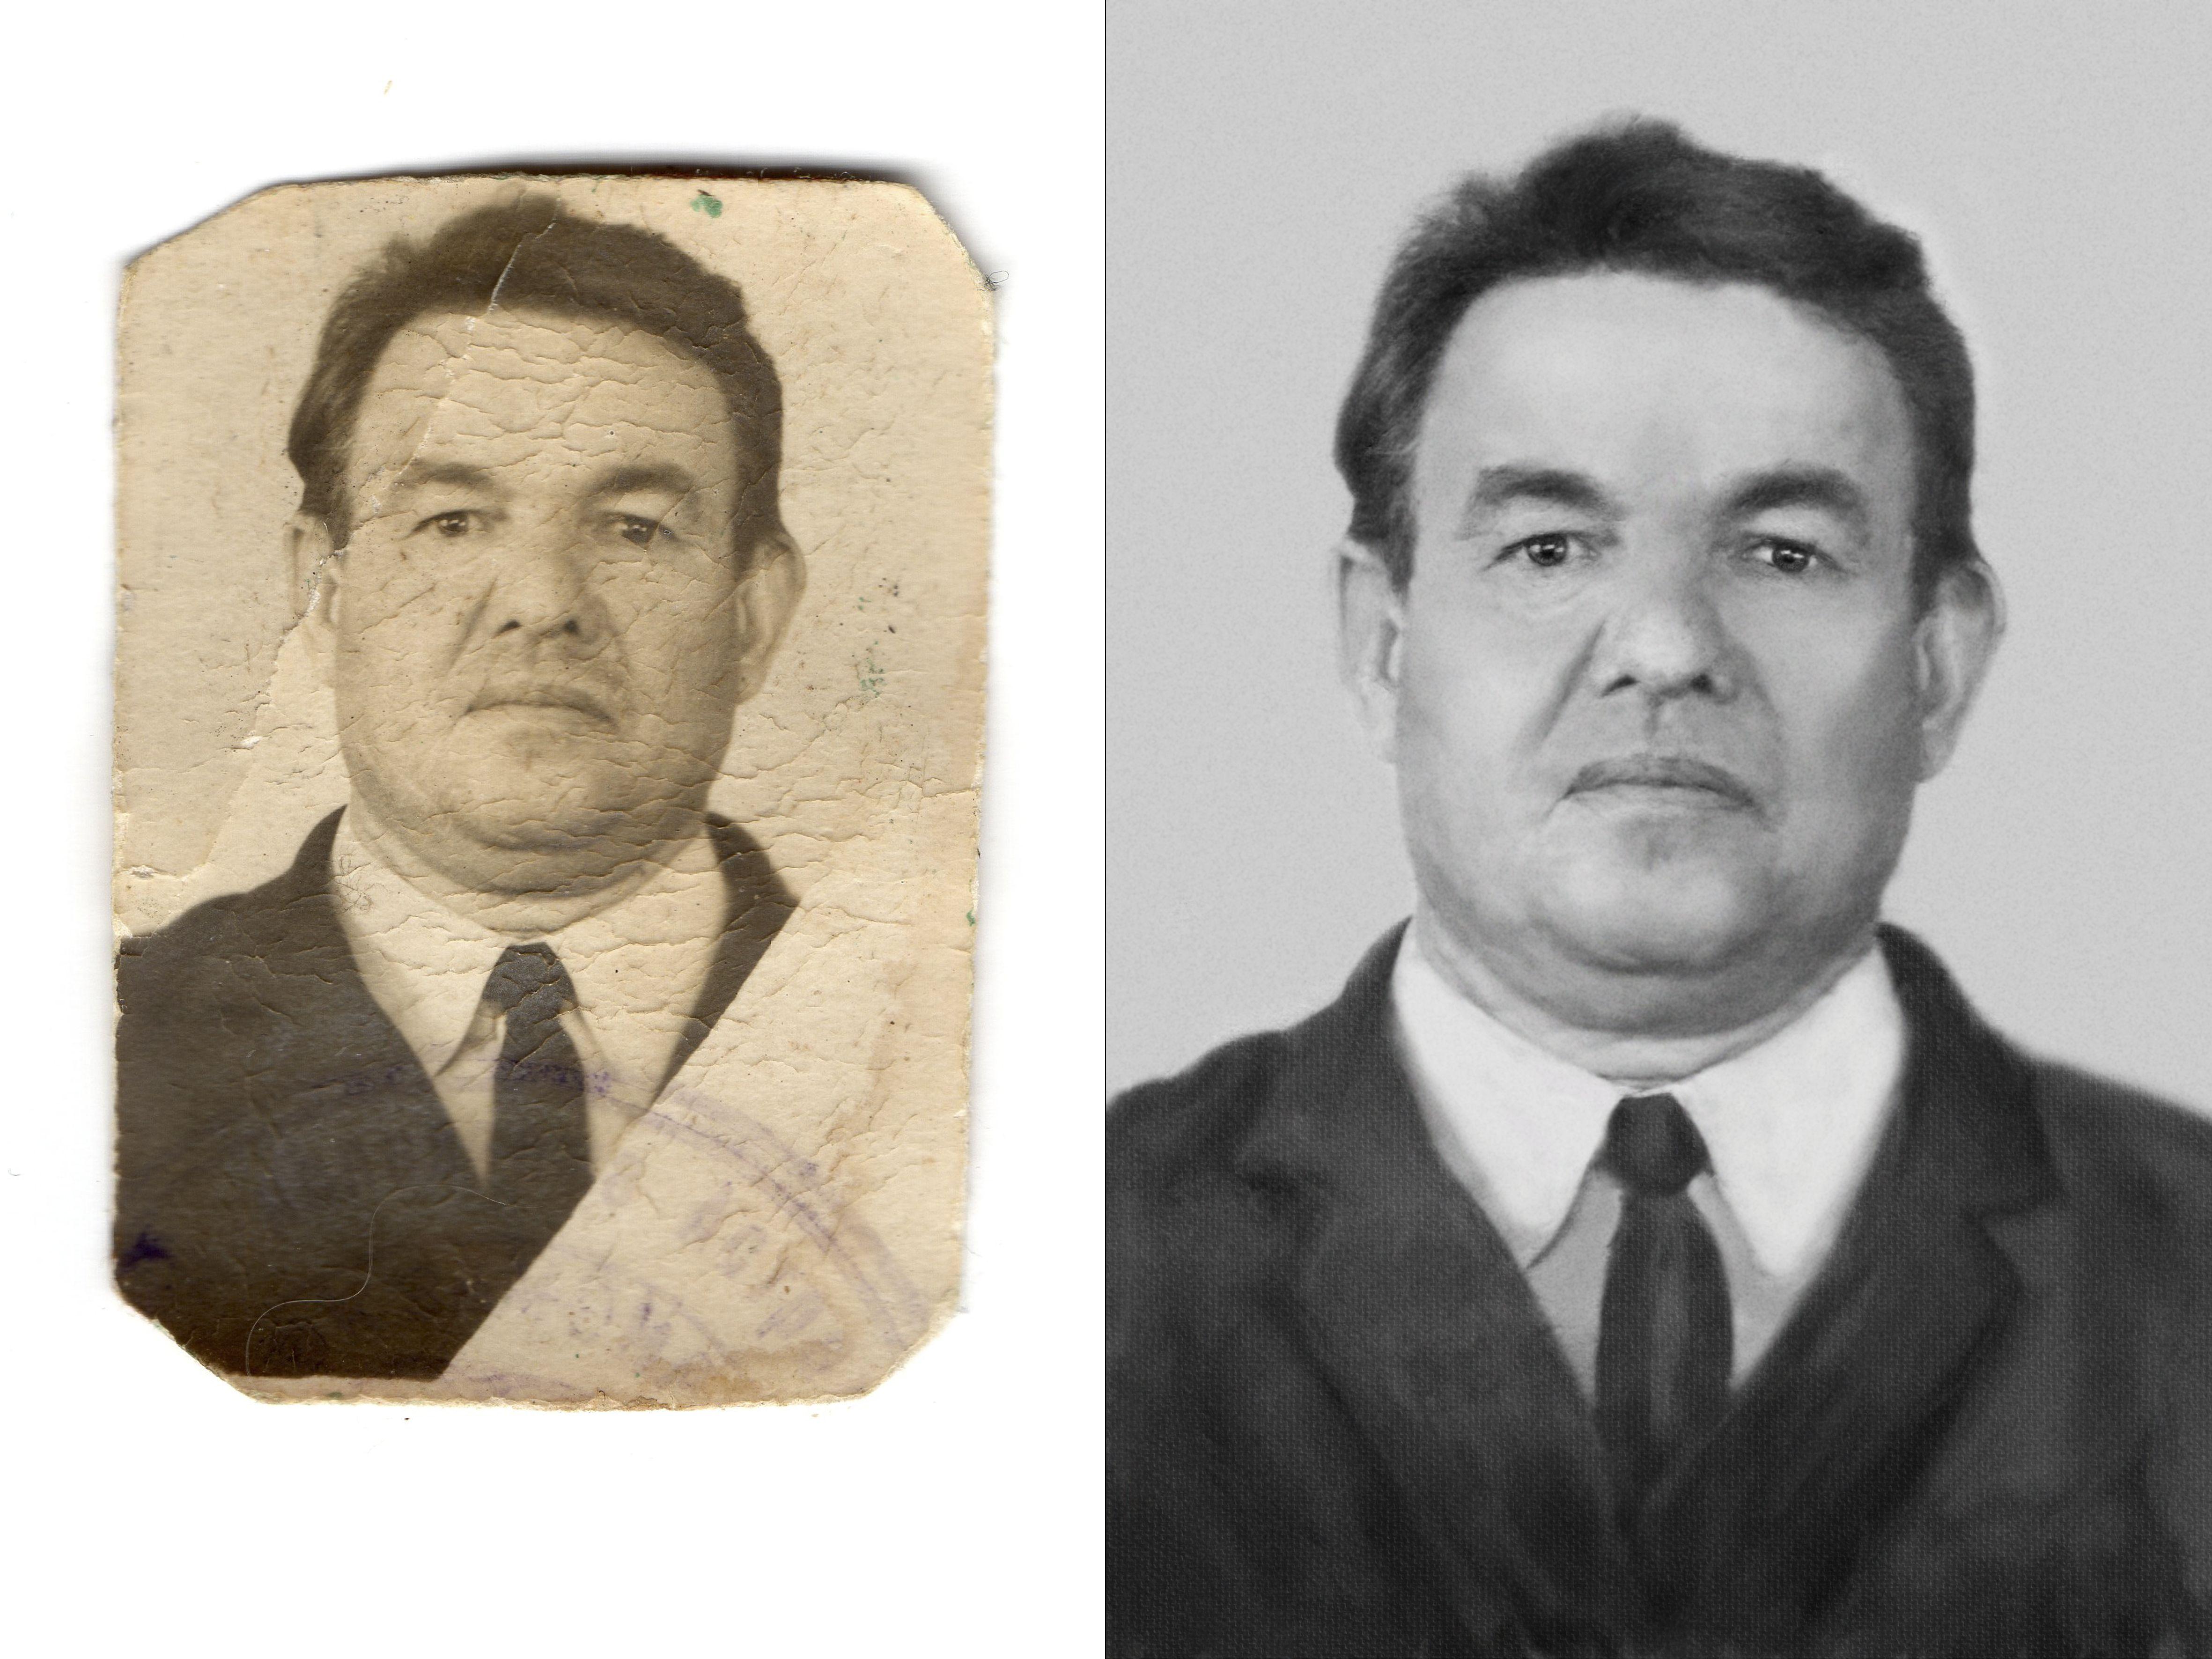 Восстановление старой фотографии | Historical figures ...